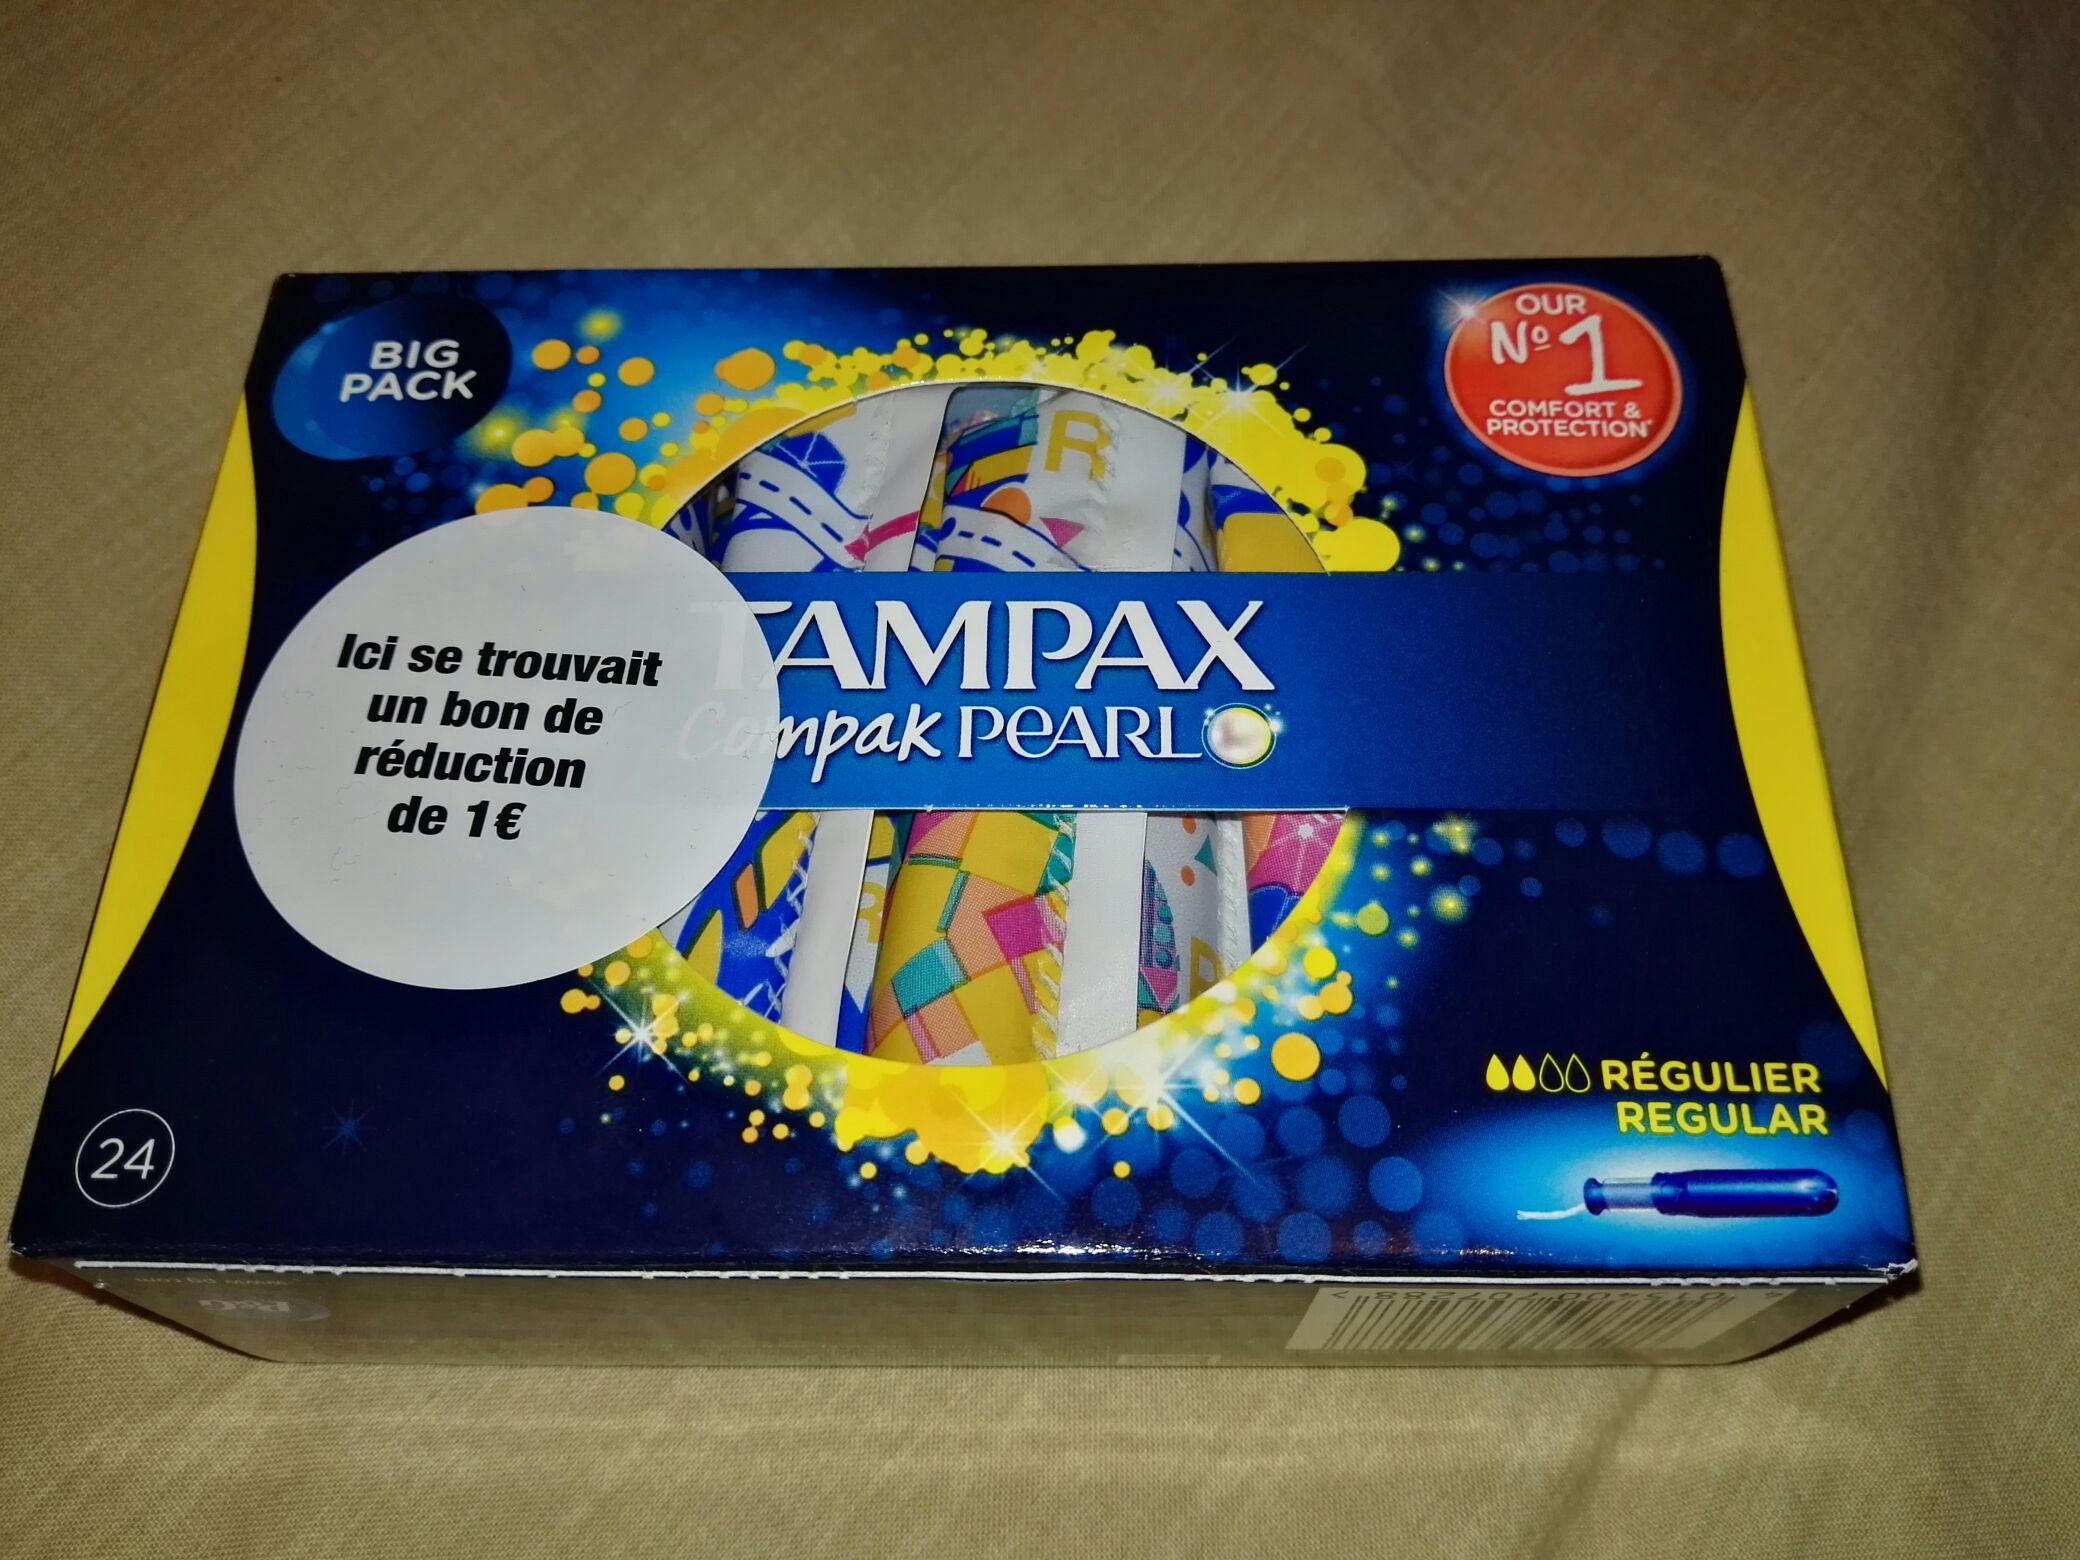 Boîte de 24 tampons hygiéniques Tampax Compak Pearl - Carrefour Noisy le Grand (93)